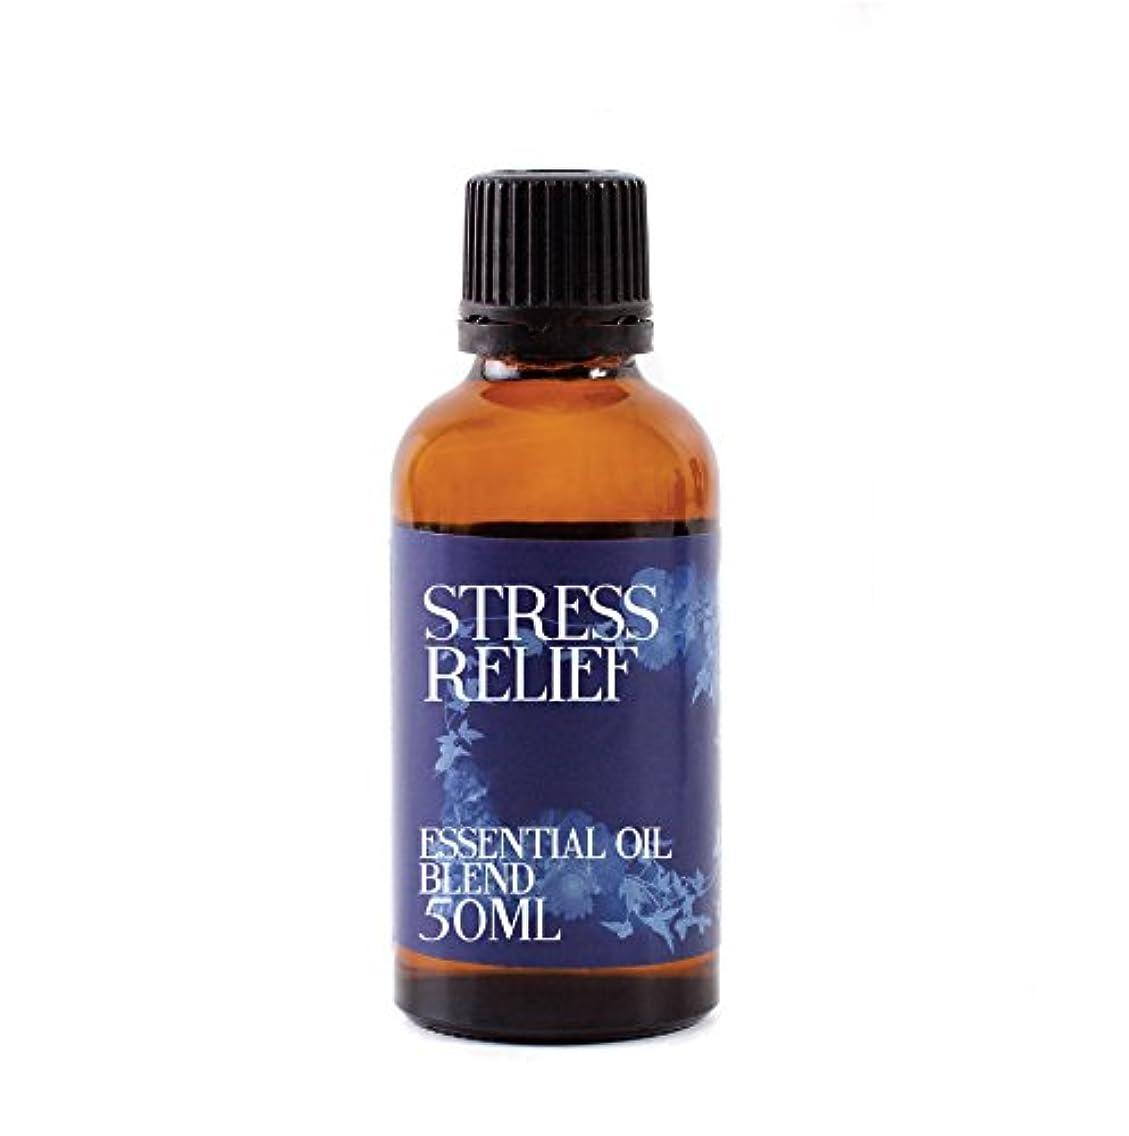 レイ防腐剤スナッチMystix London | Stress Relief Essential Oil Blend - 50ml - 100% Pure